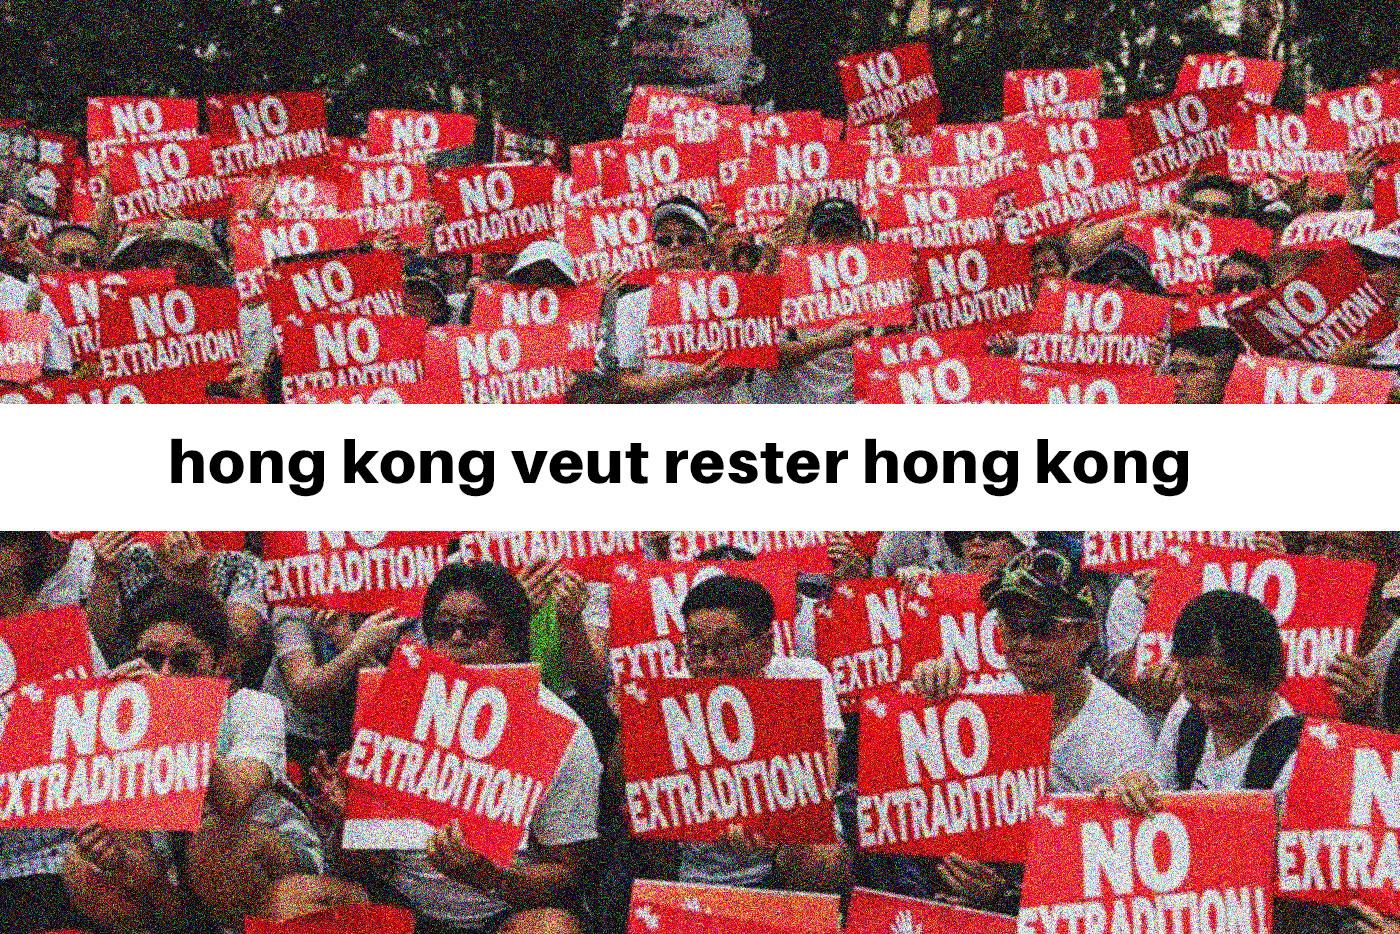 Des dizaines de milliers d'habitants de Hong Kong sont descendus dimanche dans la rue pour dire leur rejet d'un projet du gouvernement local pro-Pékin d'autoriser des extraditions vers la Chine continentale.